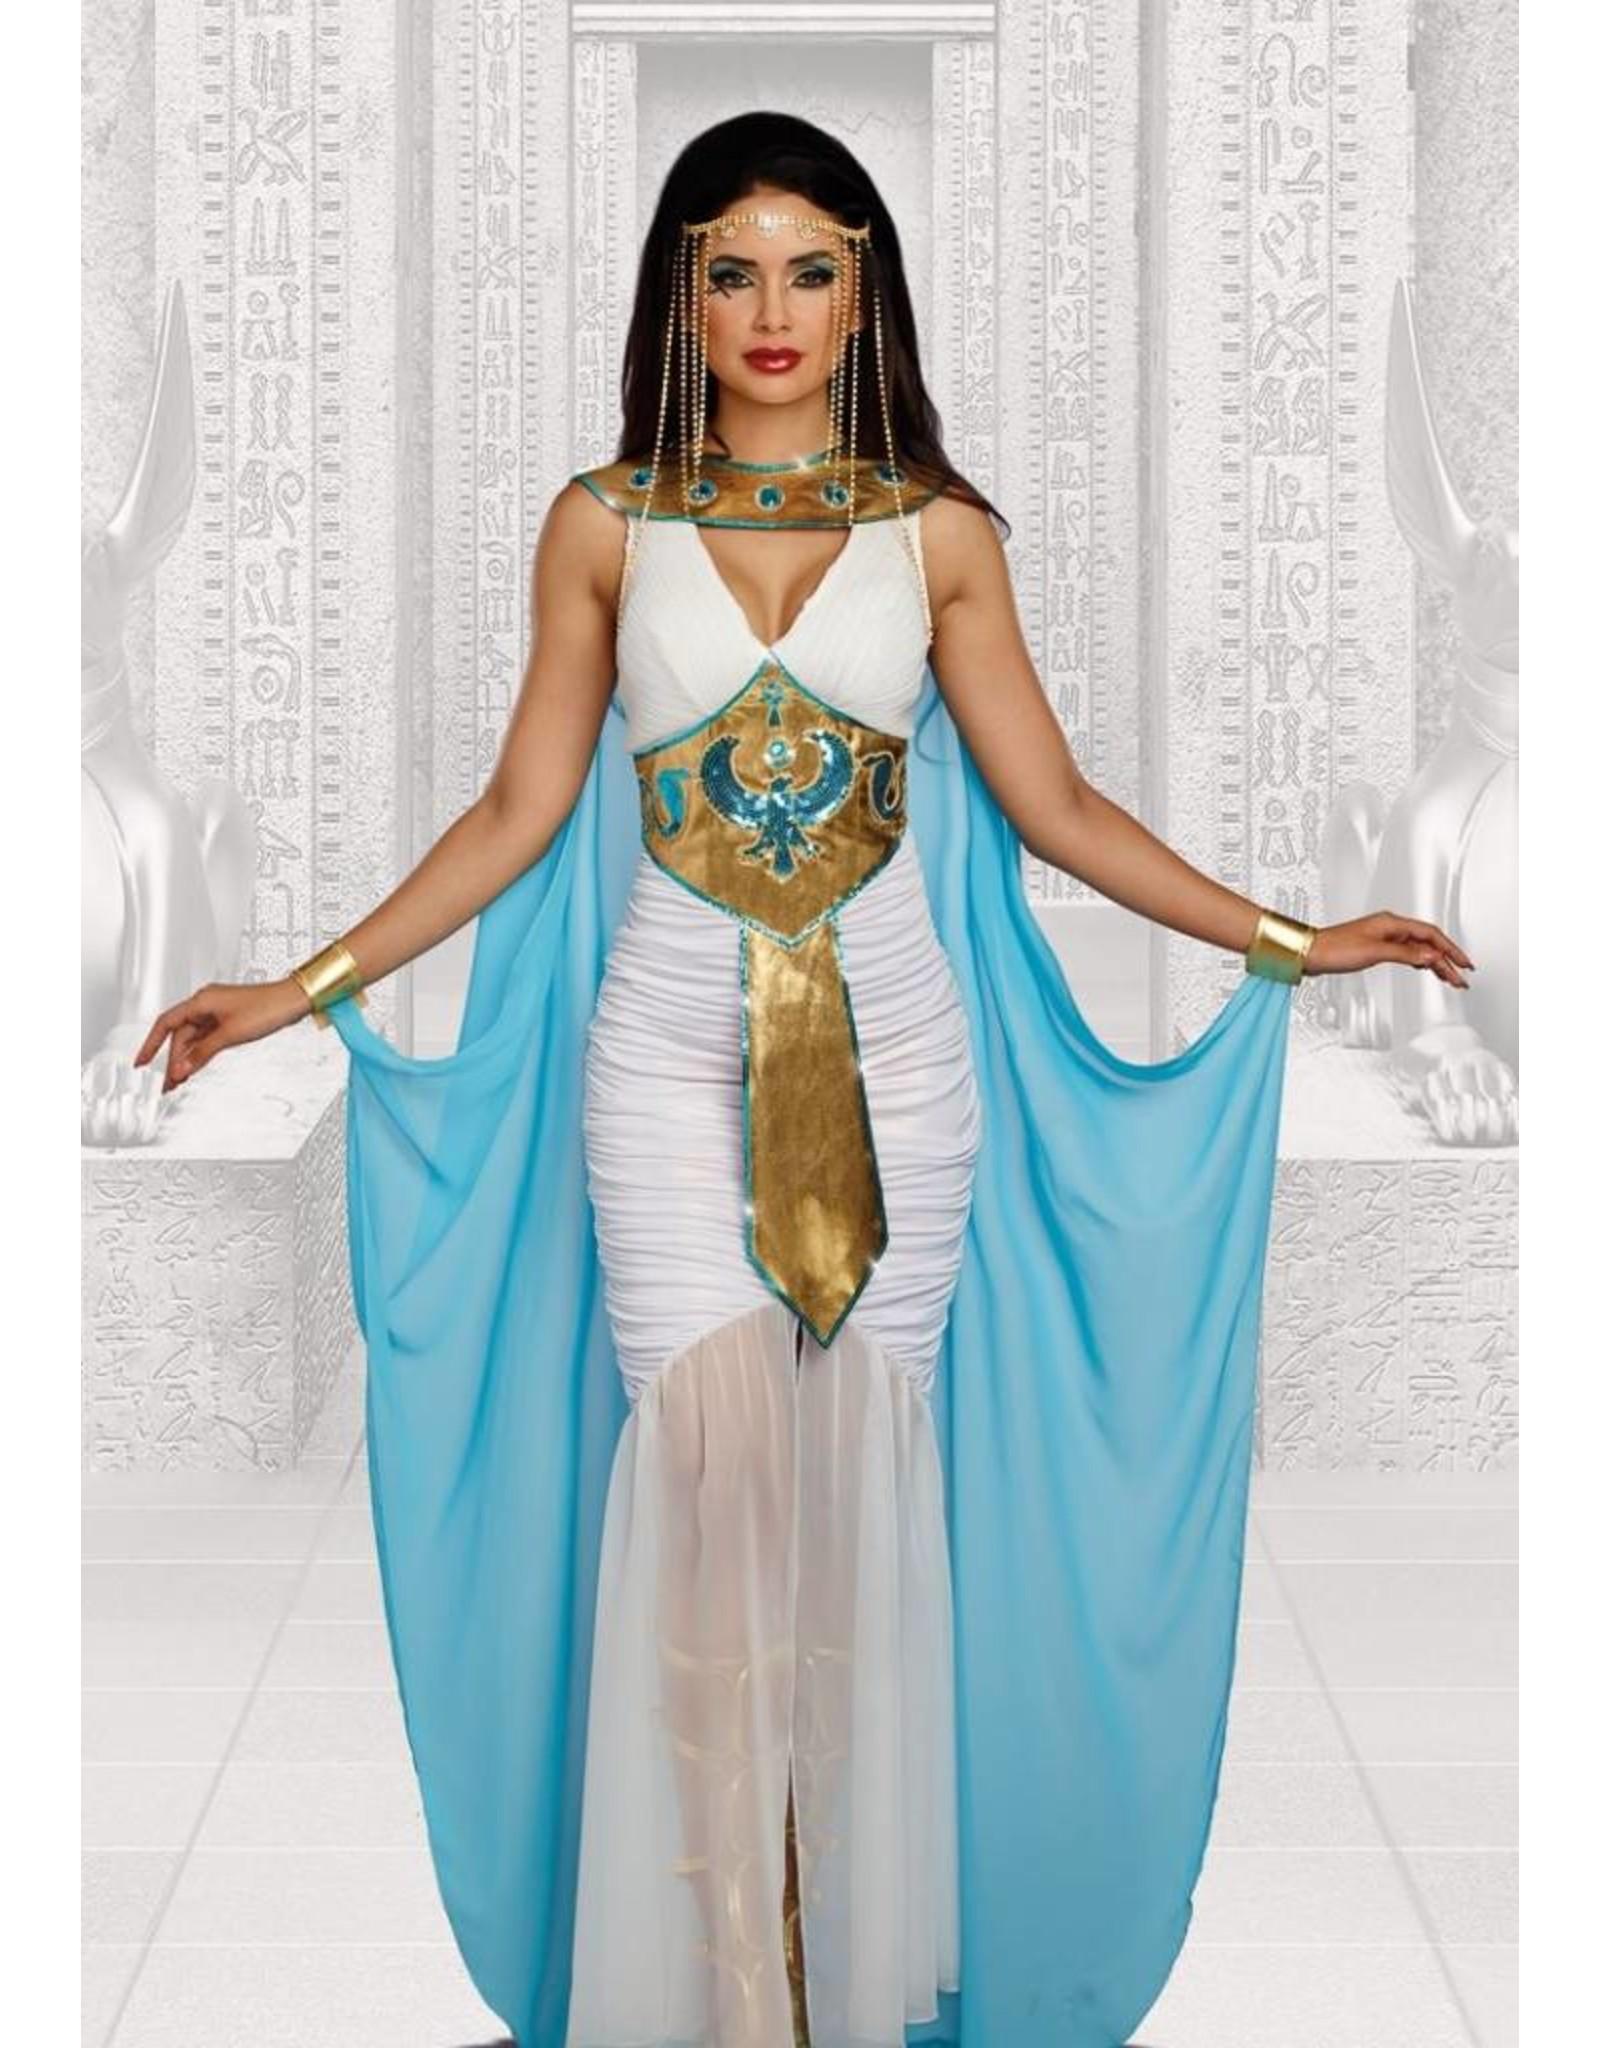 Queen of De Nile